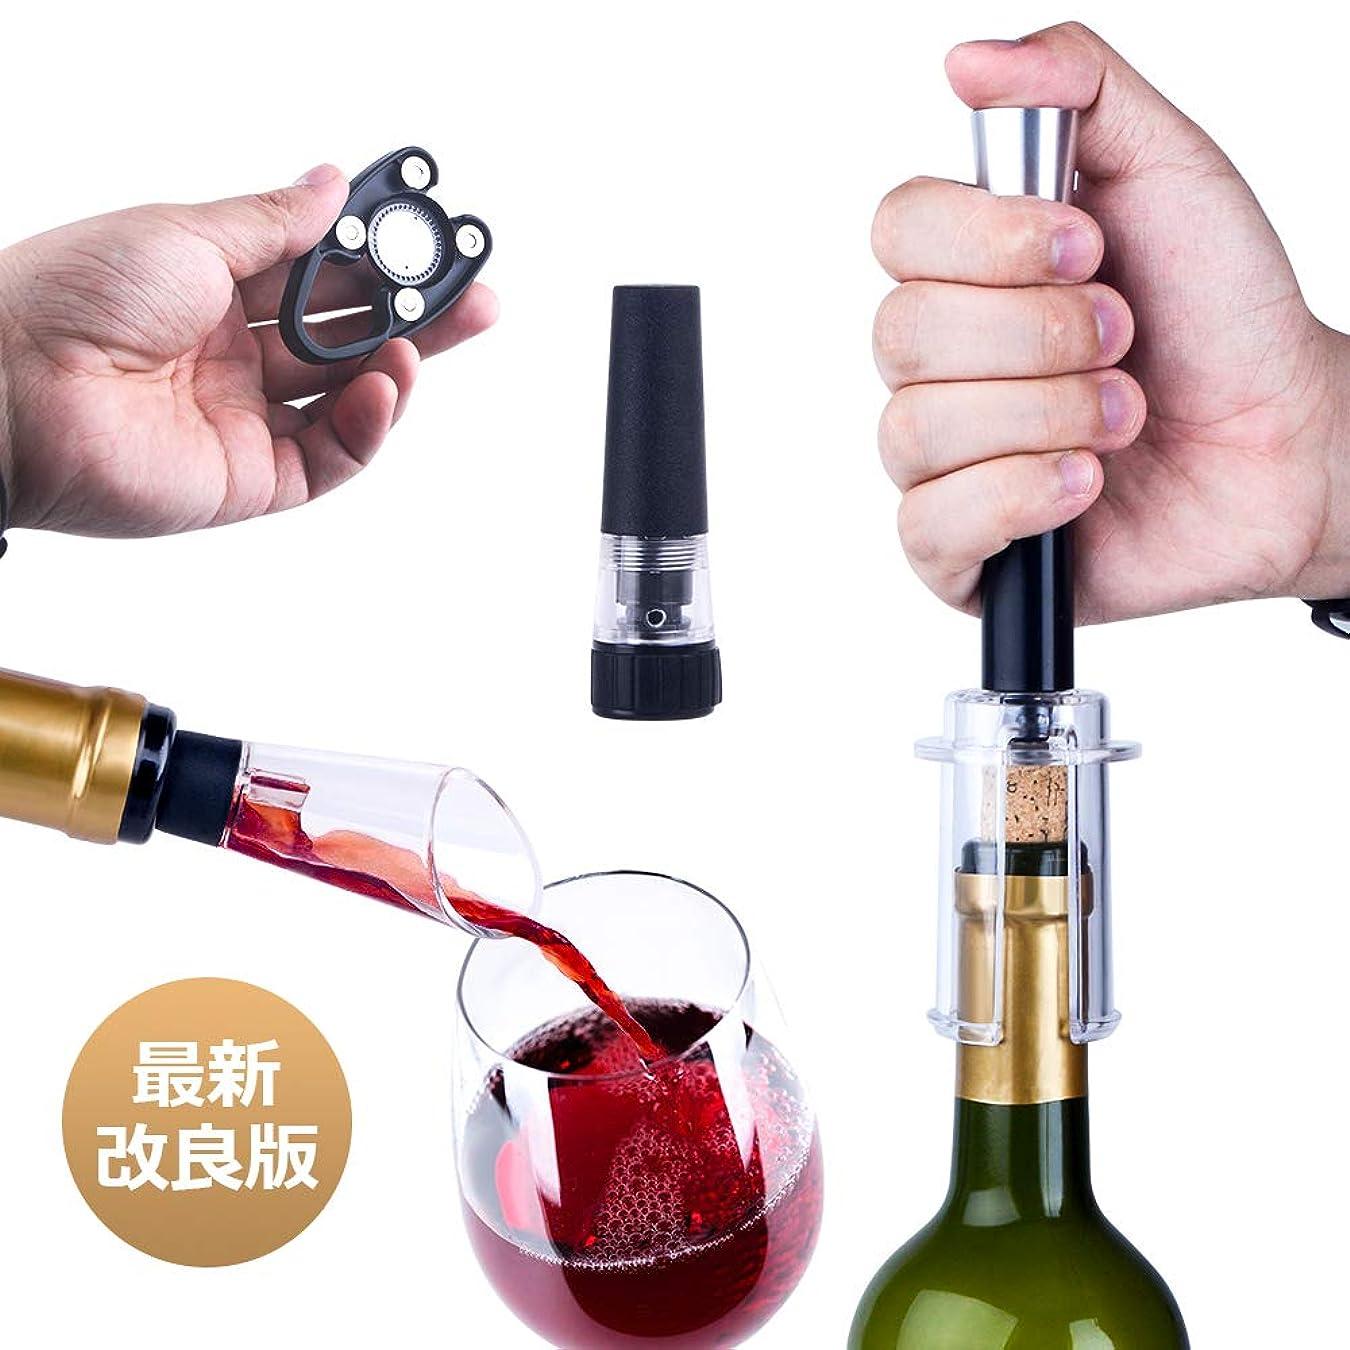 かまどカタログウサギOZCHINワイングッズ/ワインオープナー?電動ワインオープナー?ワイン栓抜き?ワインコルク抜き/贈り物 ホイルカッター付き 実用酒栓/シルバー/コードレスバッテリ駆動/電池/便利